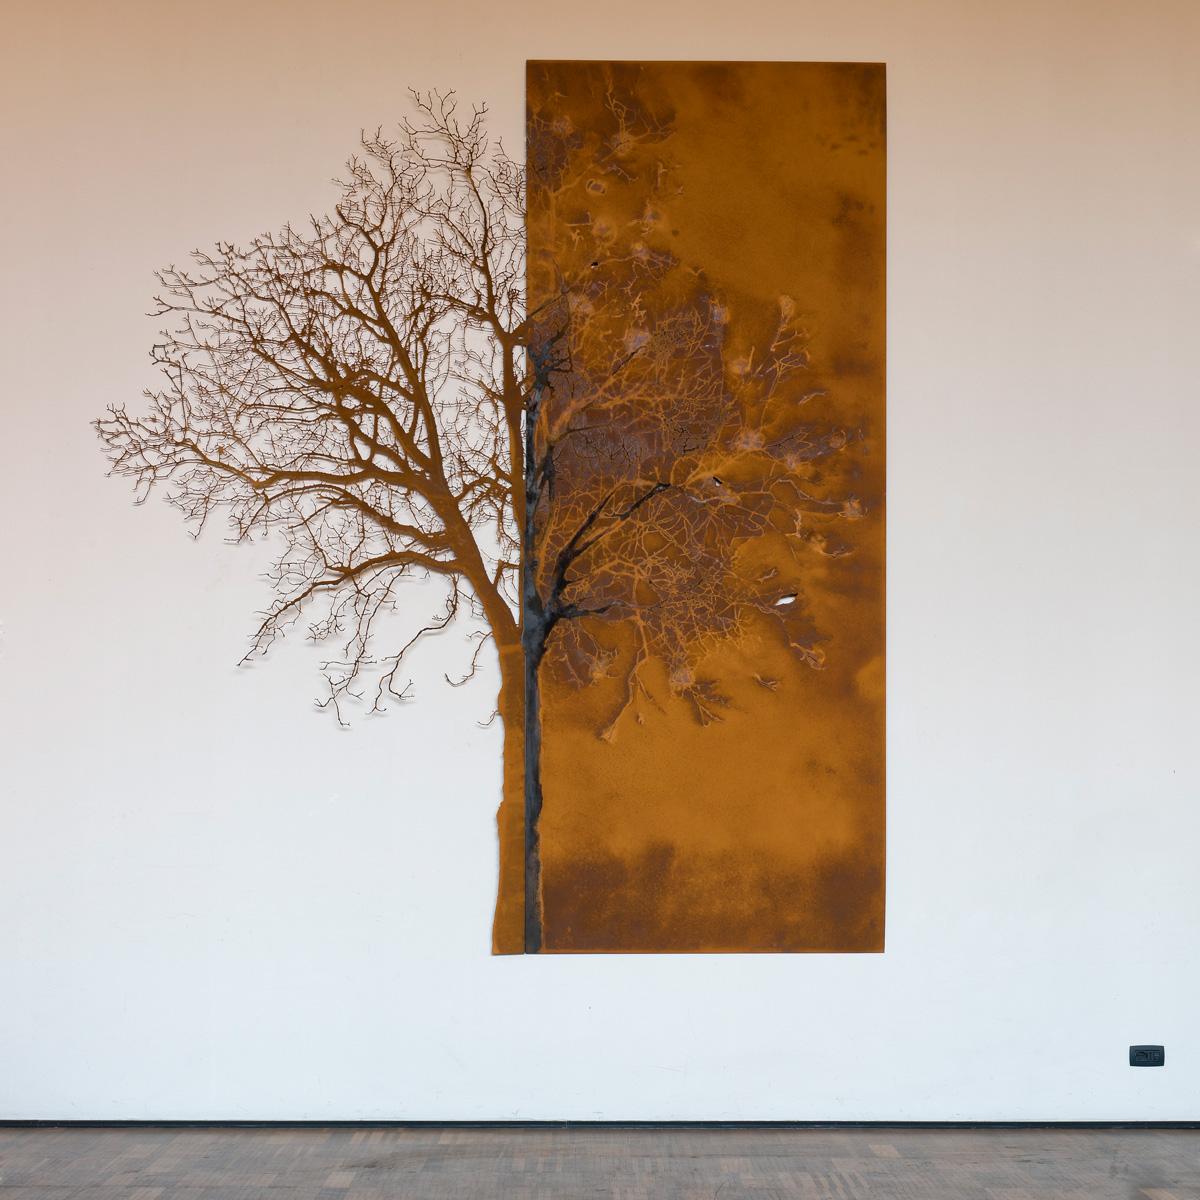 L'ALBERO E LA SUA IMPRONTA, vista d'insieme della scultura (foto di Nicola Dell'Aquila)